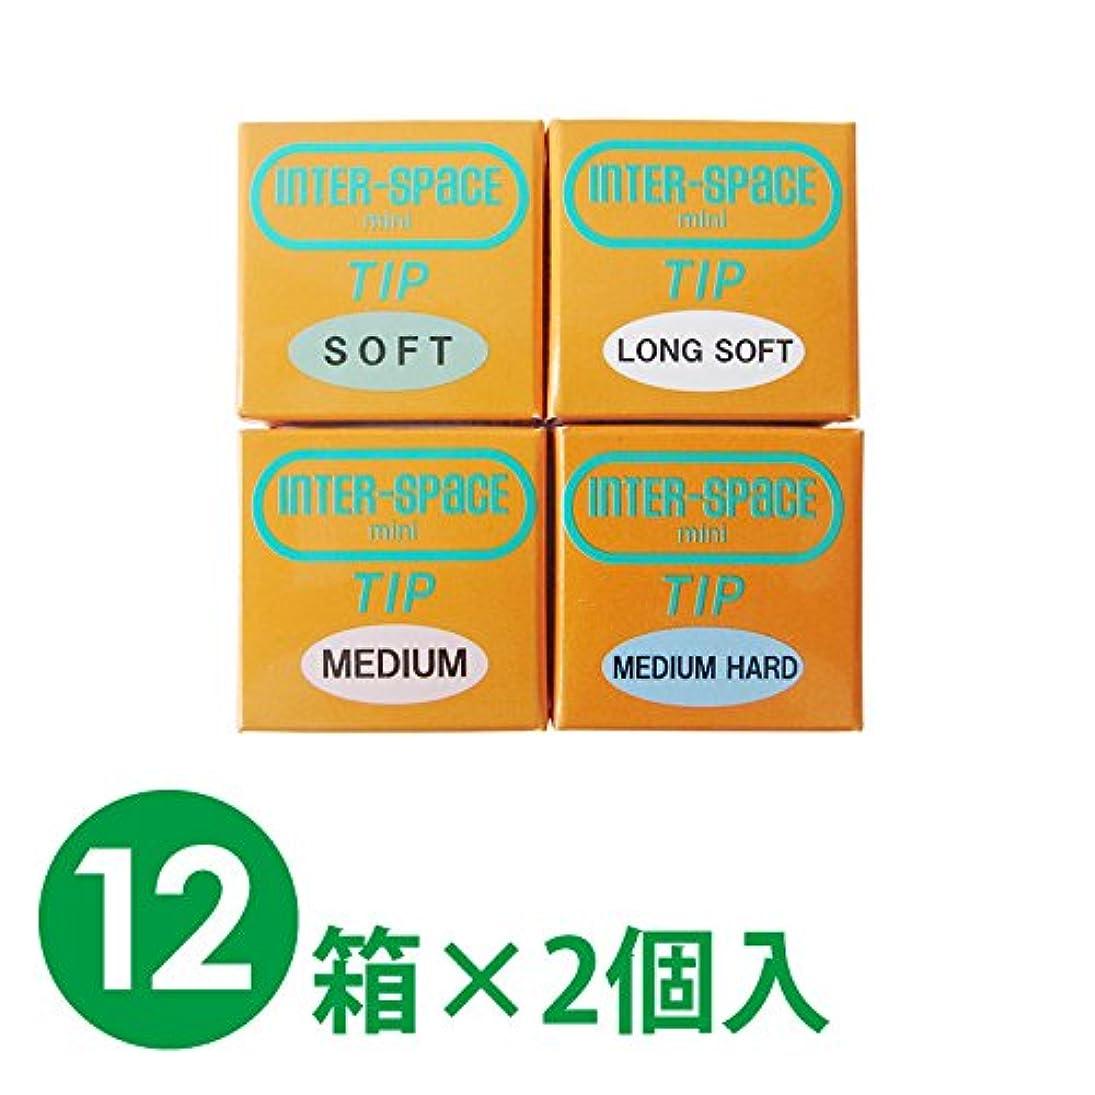 上げるケントナット【12箱1セット】モリムラ インタースペース?ミニ 替えチップ 12箱×2個入 (S(ソフト))